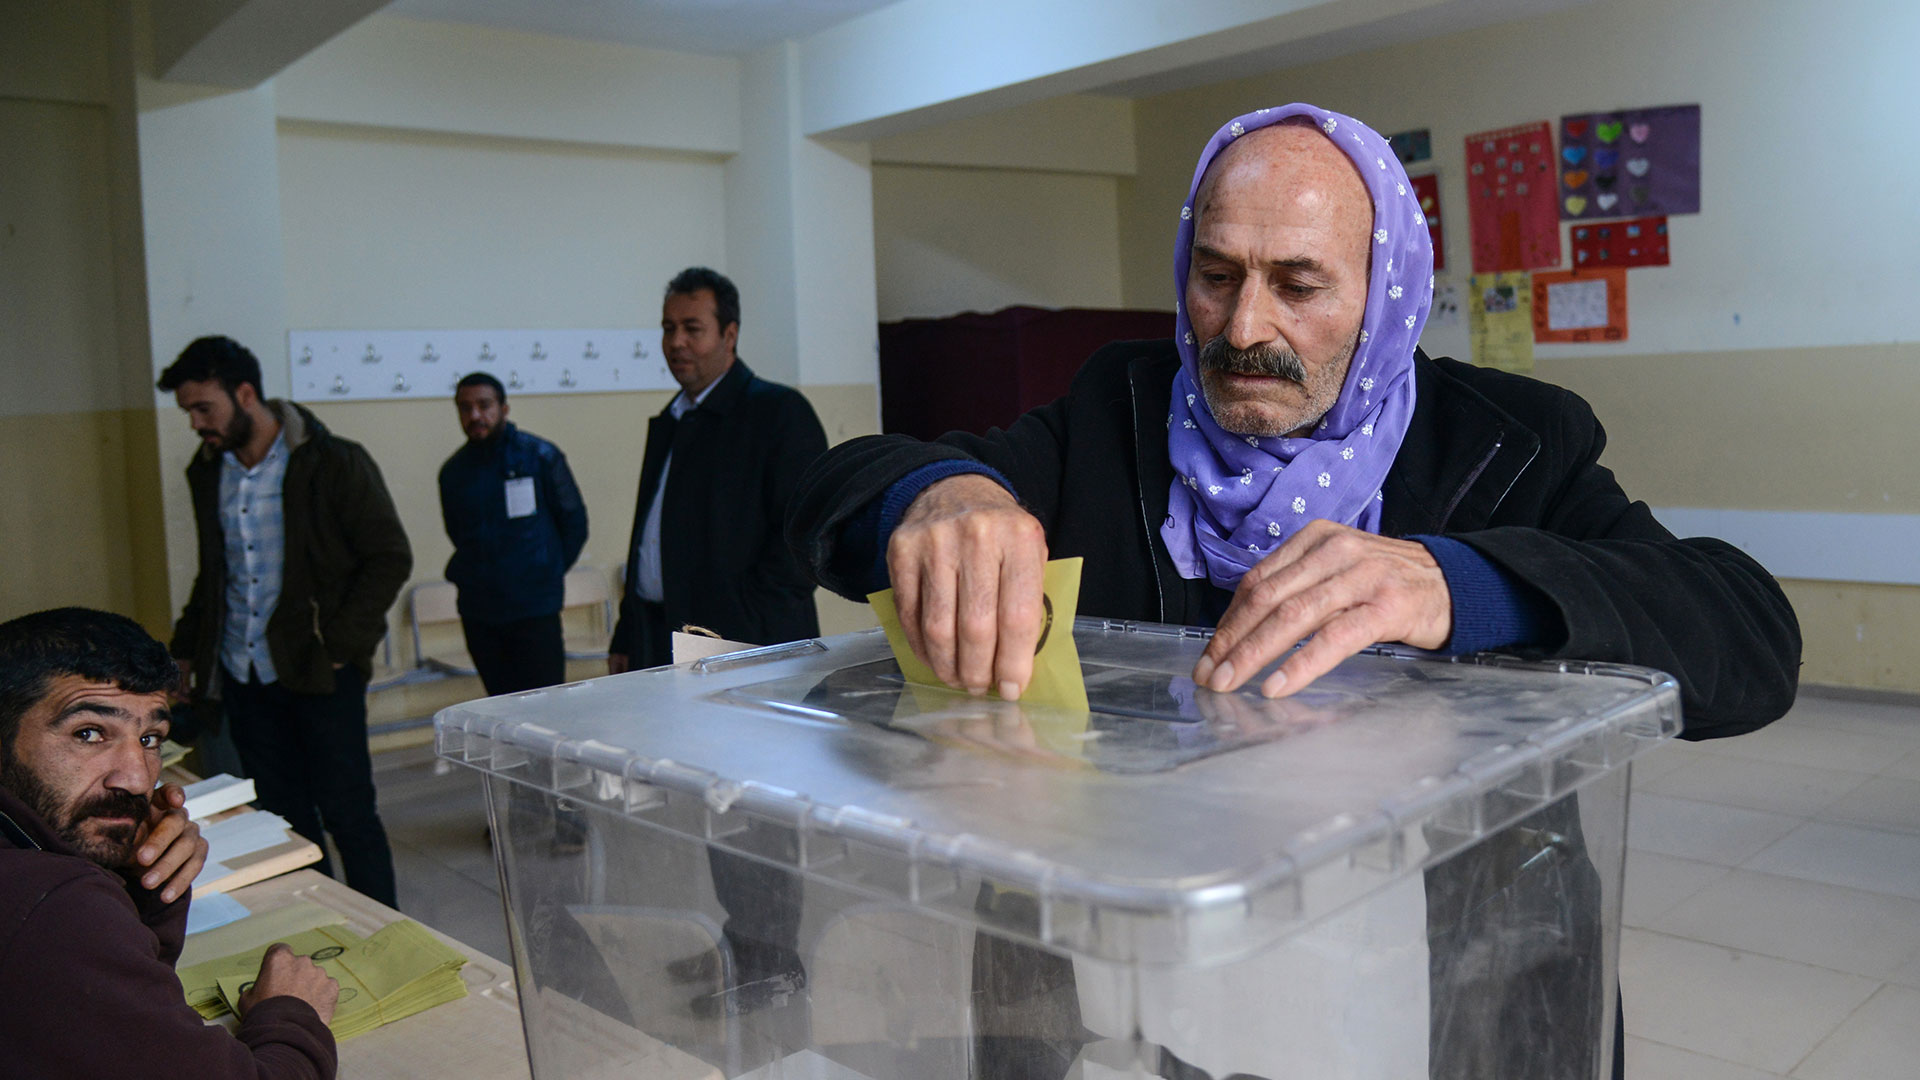 El partido gobernante se impuso en el total de votos a nivel nacional, pero perdió las elecciones municipales en las grandes ciudades turcas (AFP)